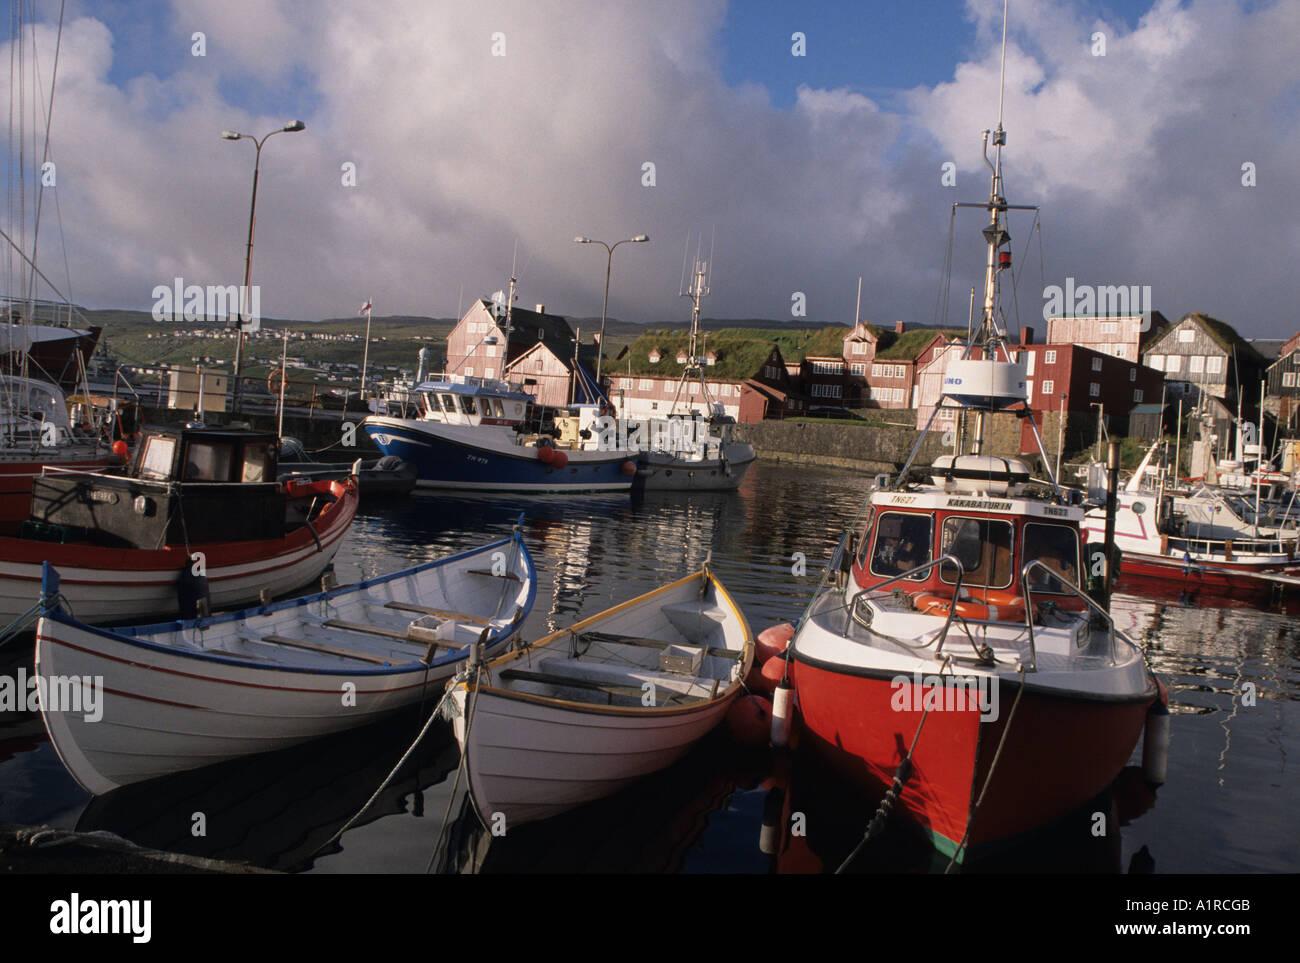 Traditionellen Doppel endete Angelboote/Fischerboote in Torshavn Hafen die Hauptstadt des Faroes Färöer Inseln-Dänemark Stockfoto